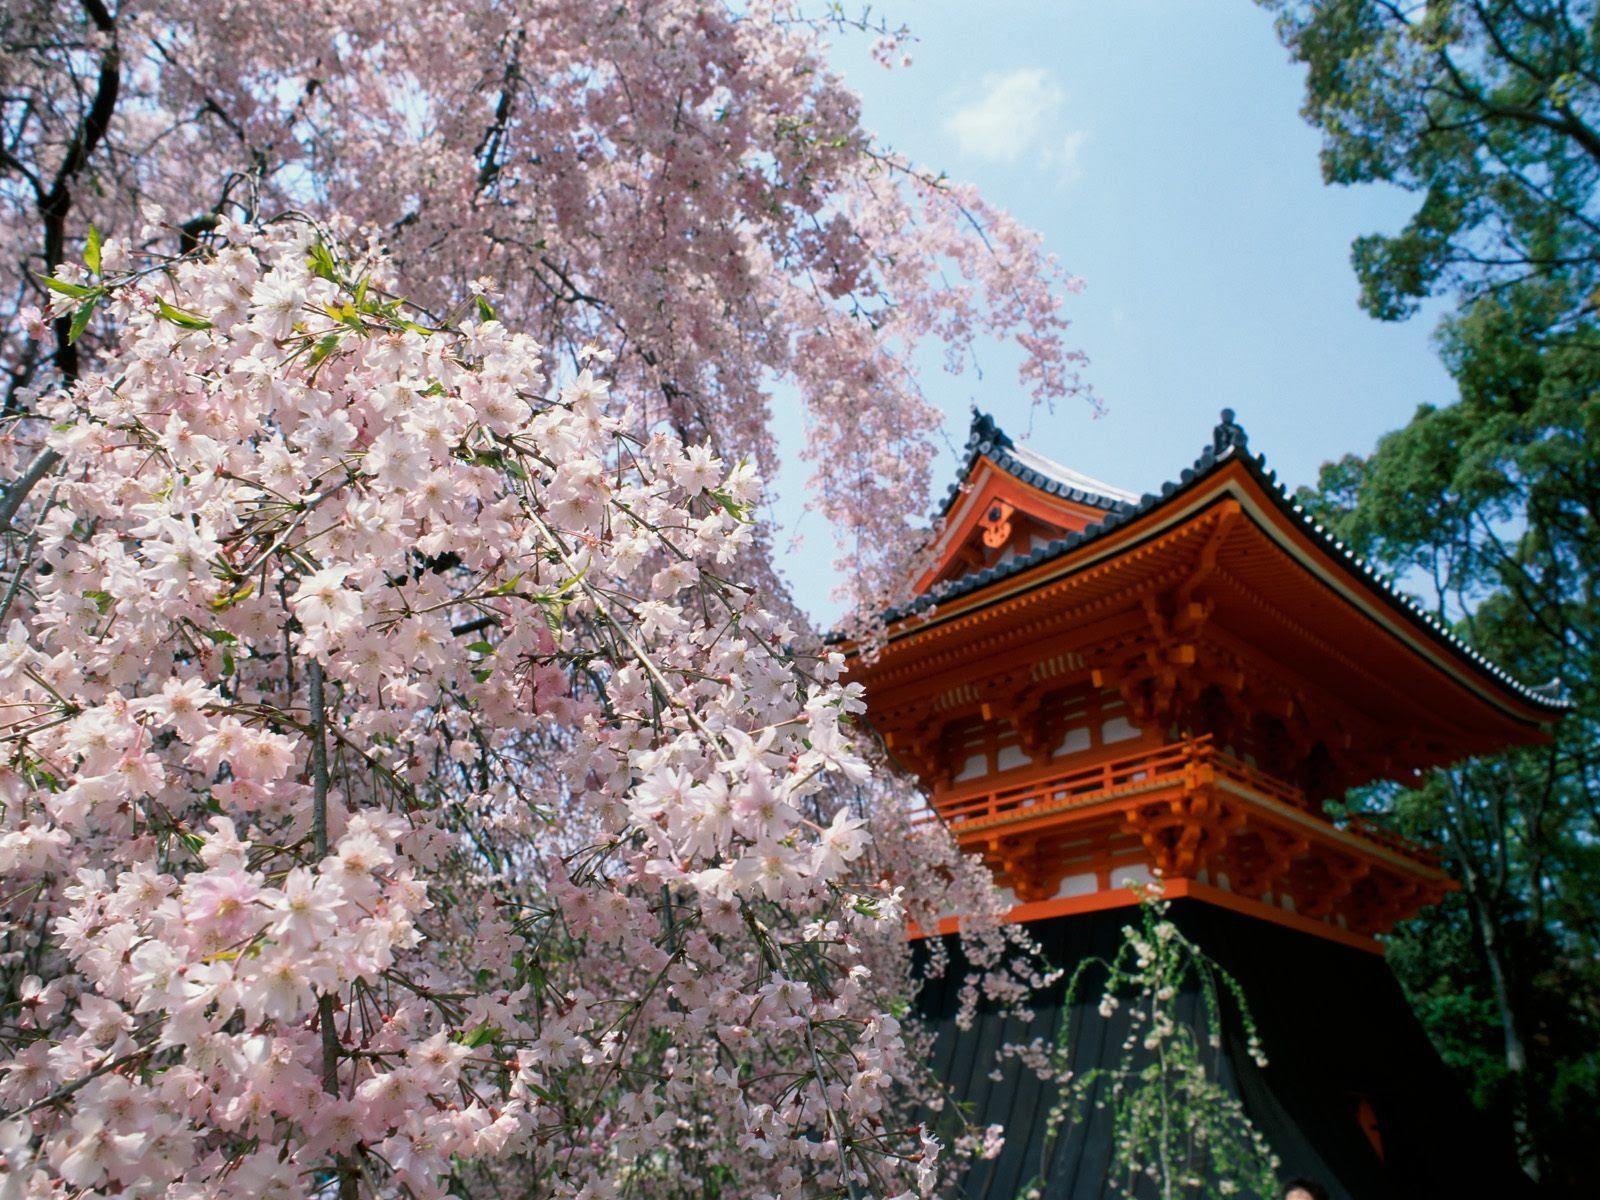 Japan Sakura Wallpaper Hd